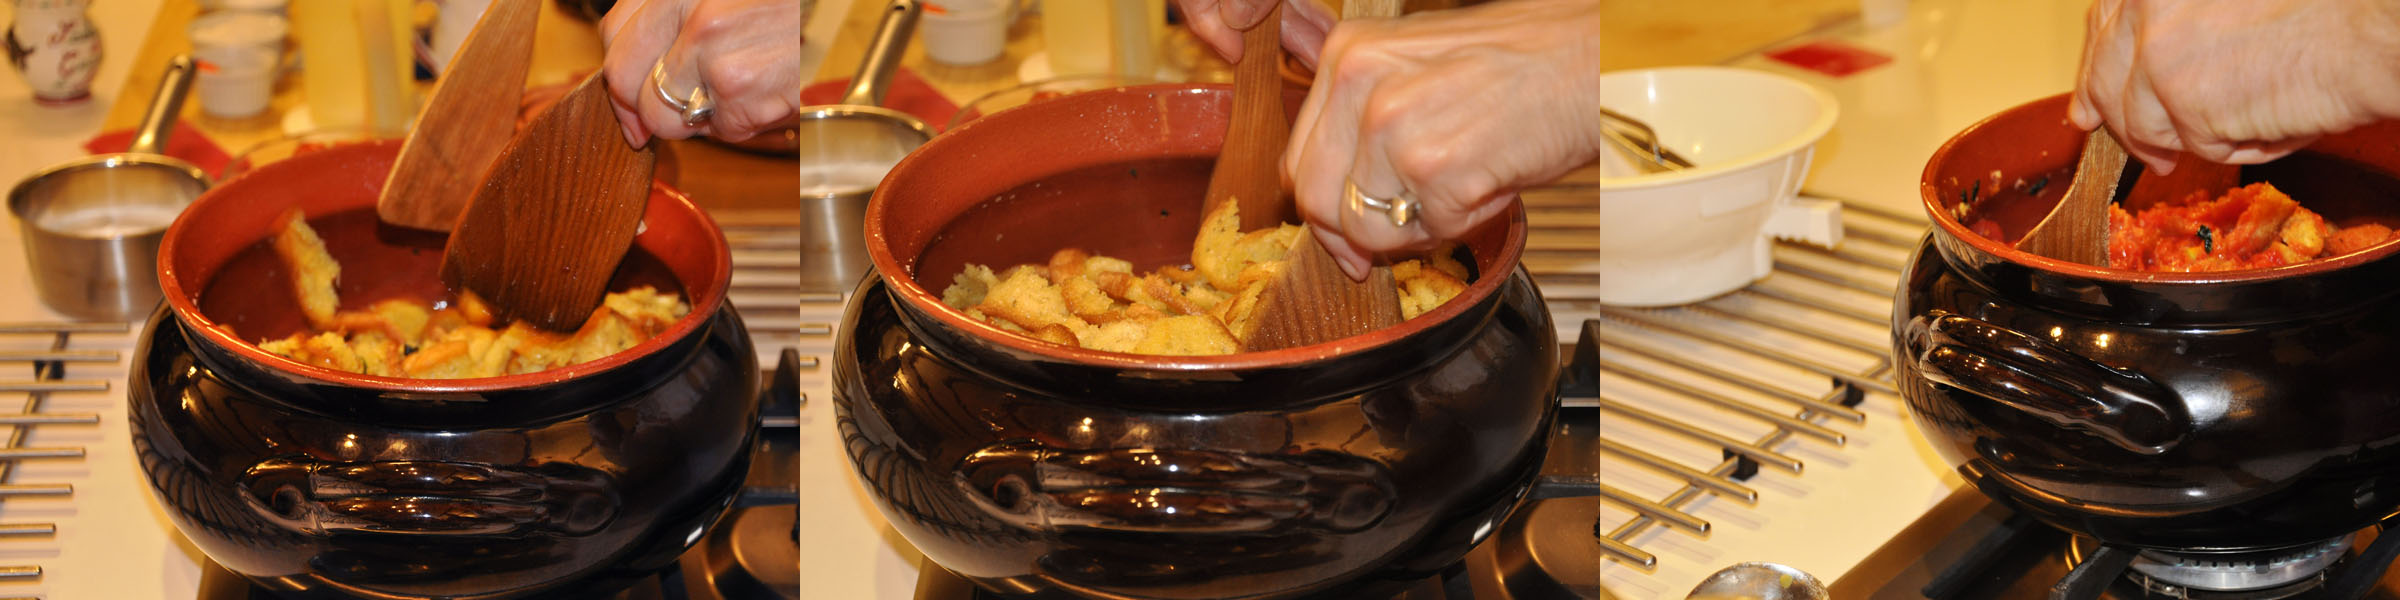 corso di cucina a siena 4